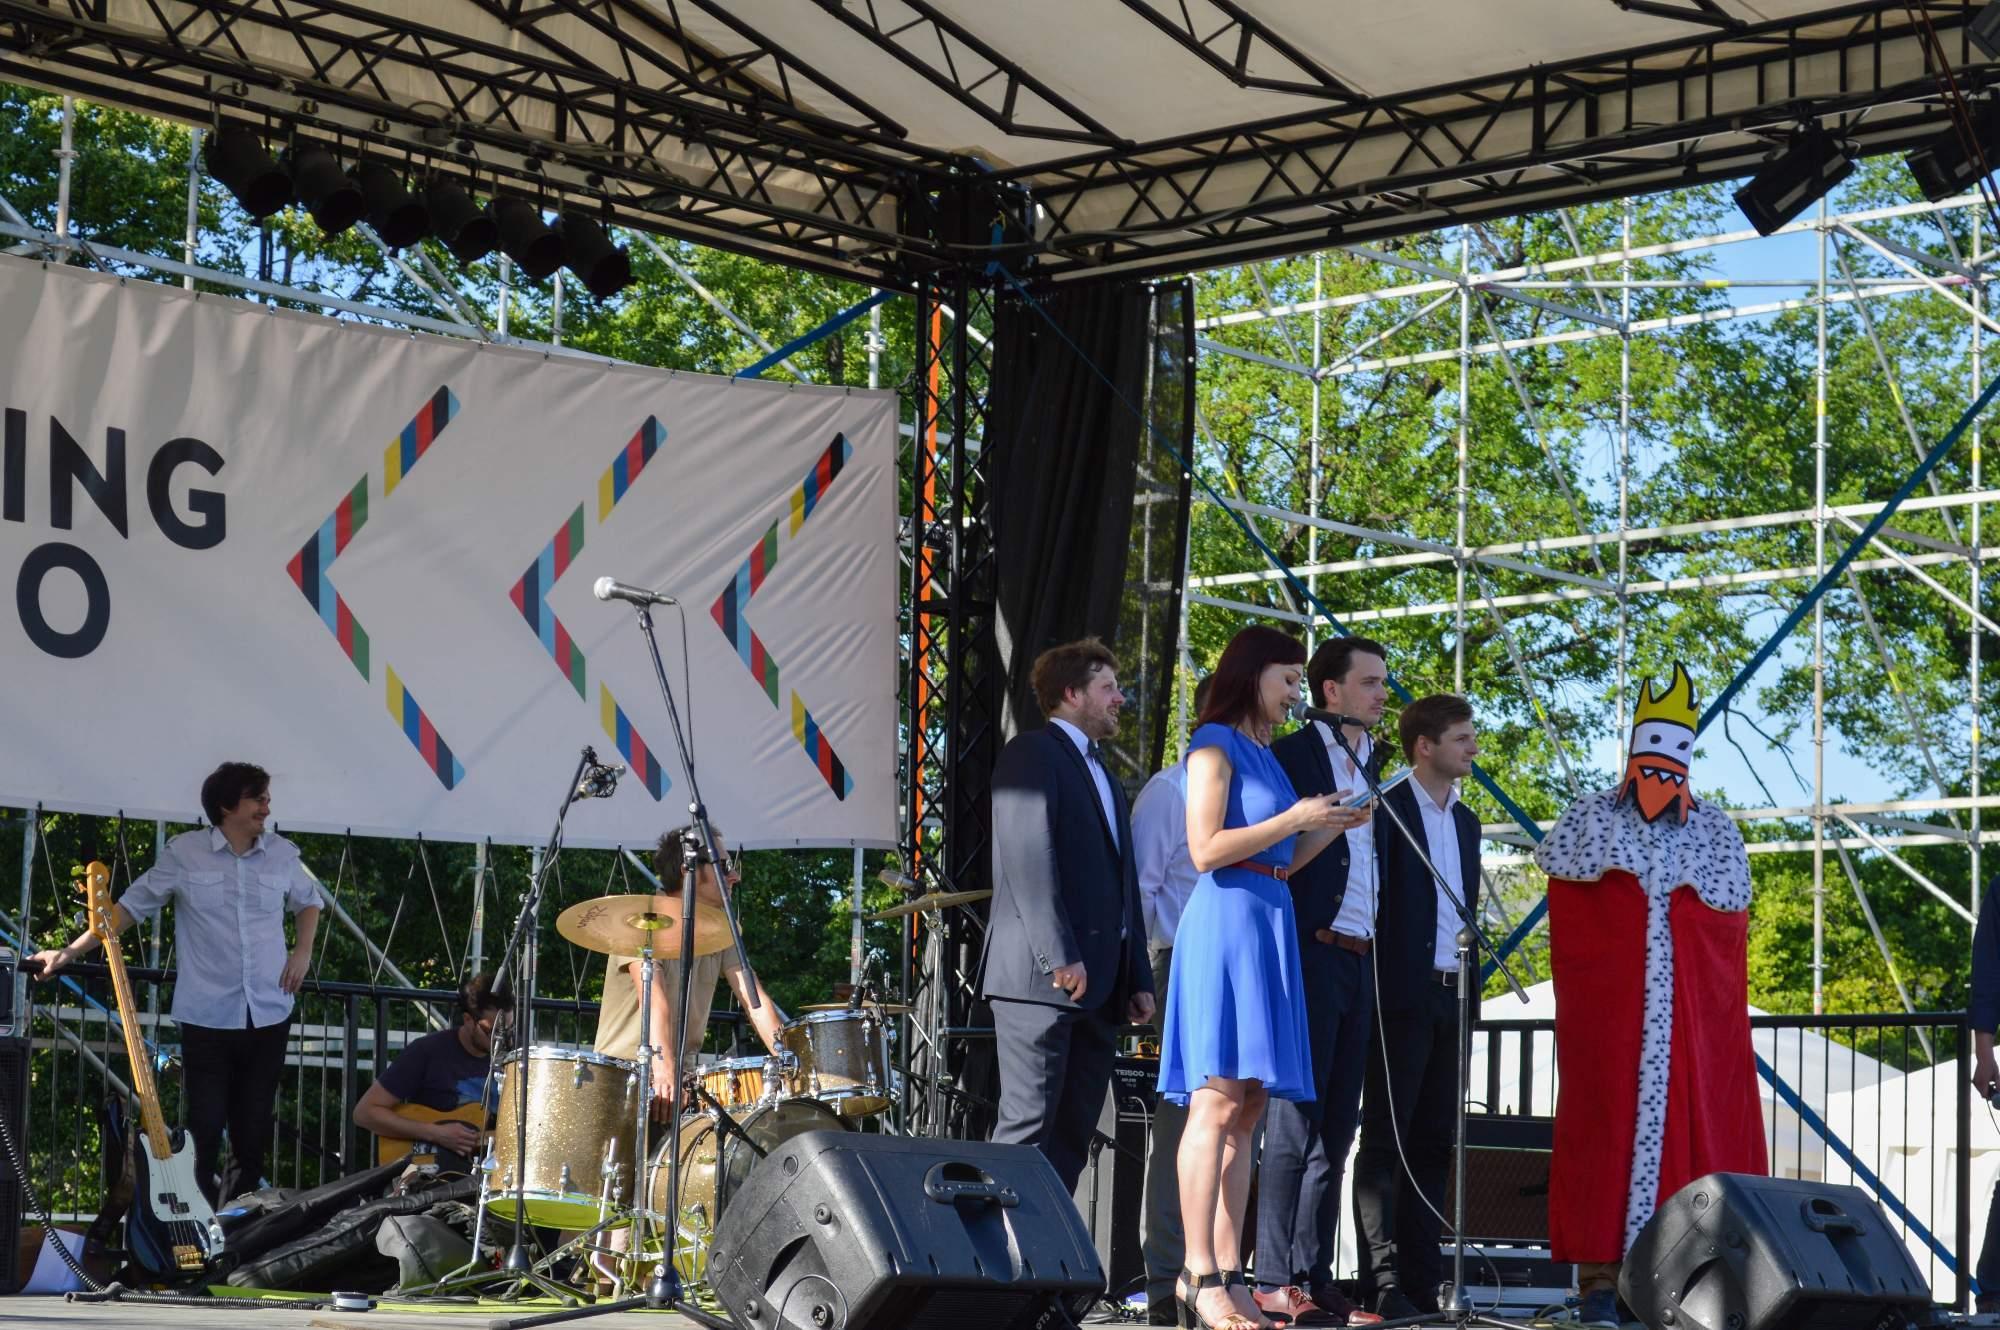 Zahájení festivalu Meeting se uskutečnilo na Moravském náměstí, kde vznikl Meeting point.